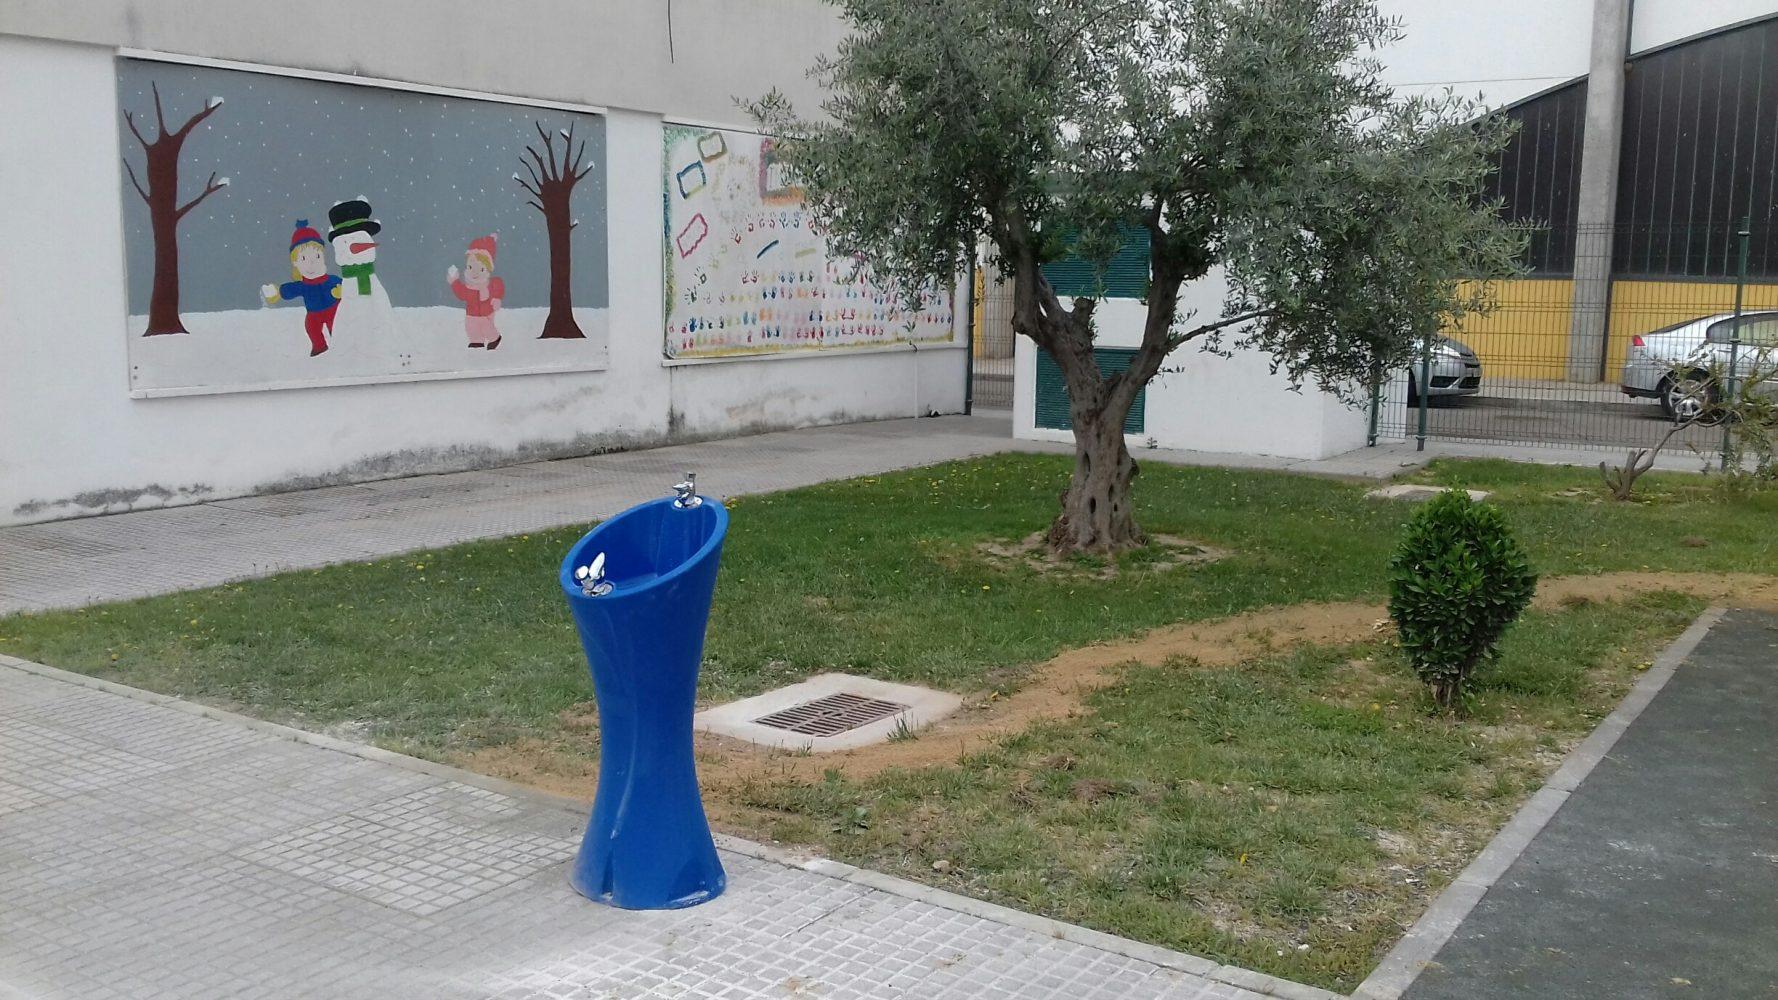 Blauwe drinkfontein Alvium voor op het schoolplein